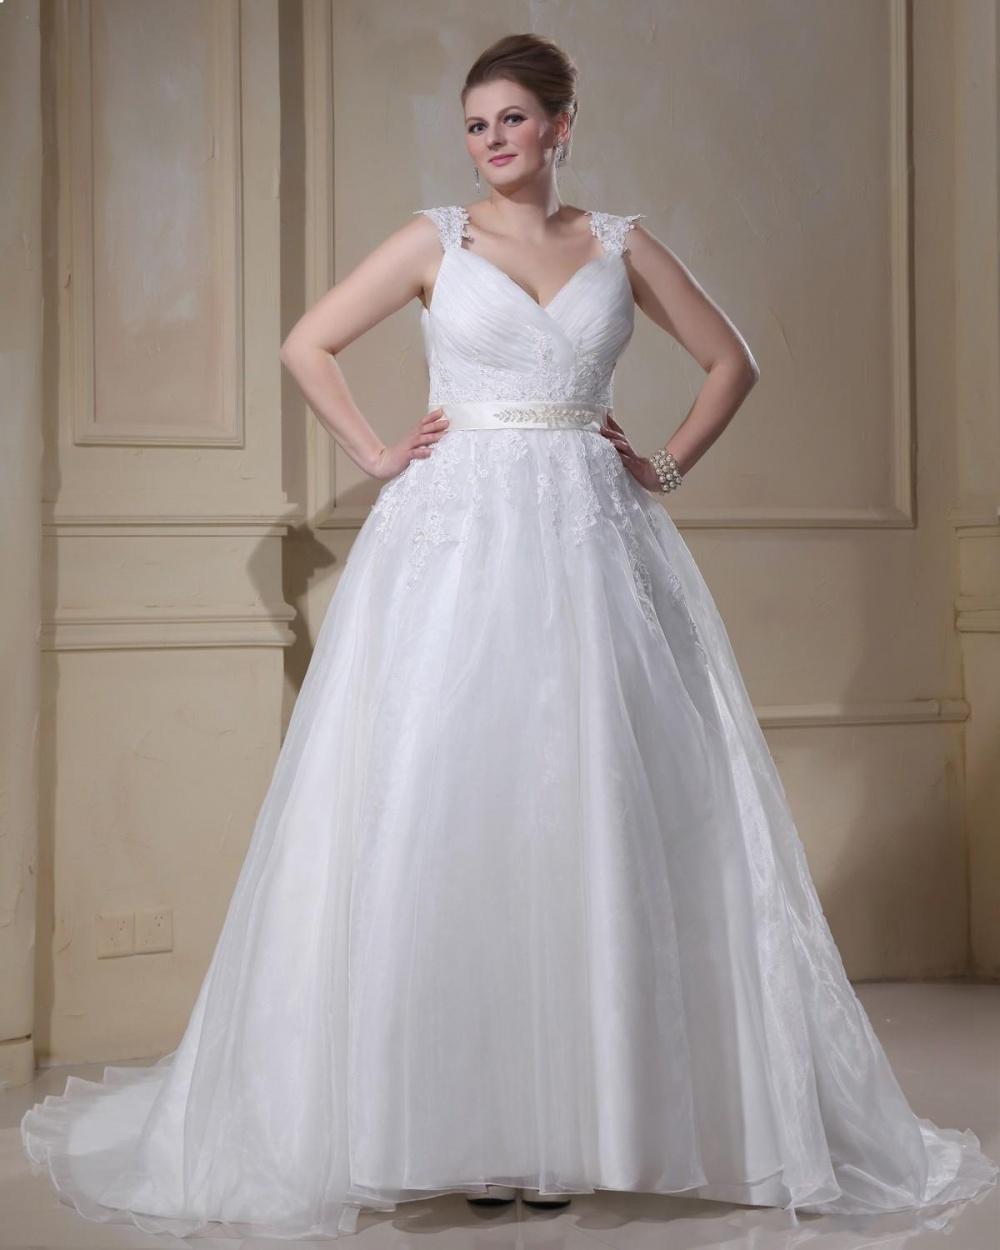 بالصور صور عروسة , اجمل صور للعرائس بالفستان الابيض 4367 11